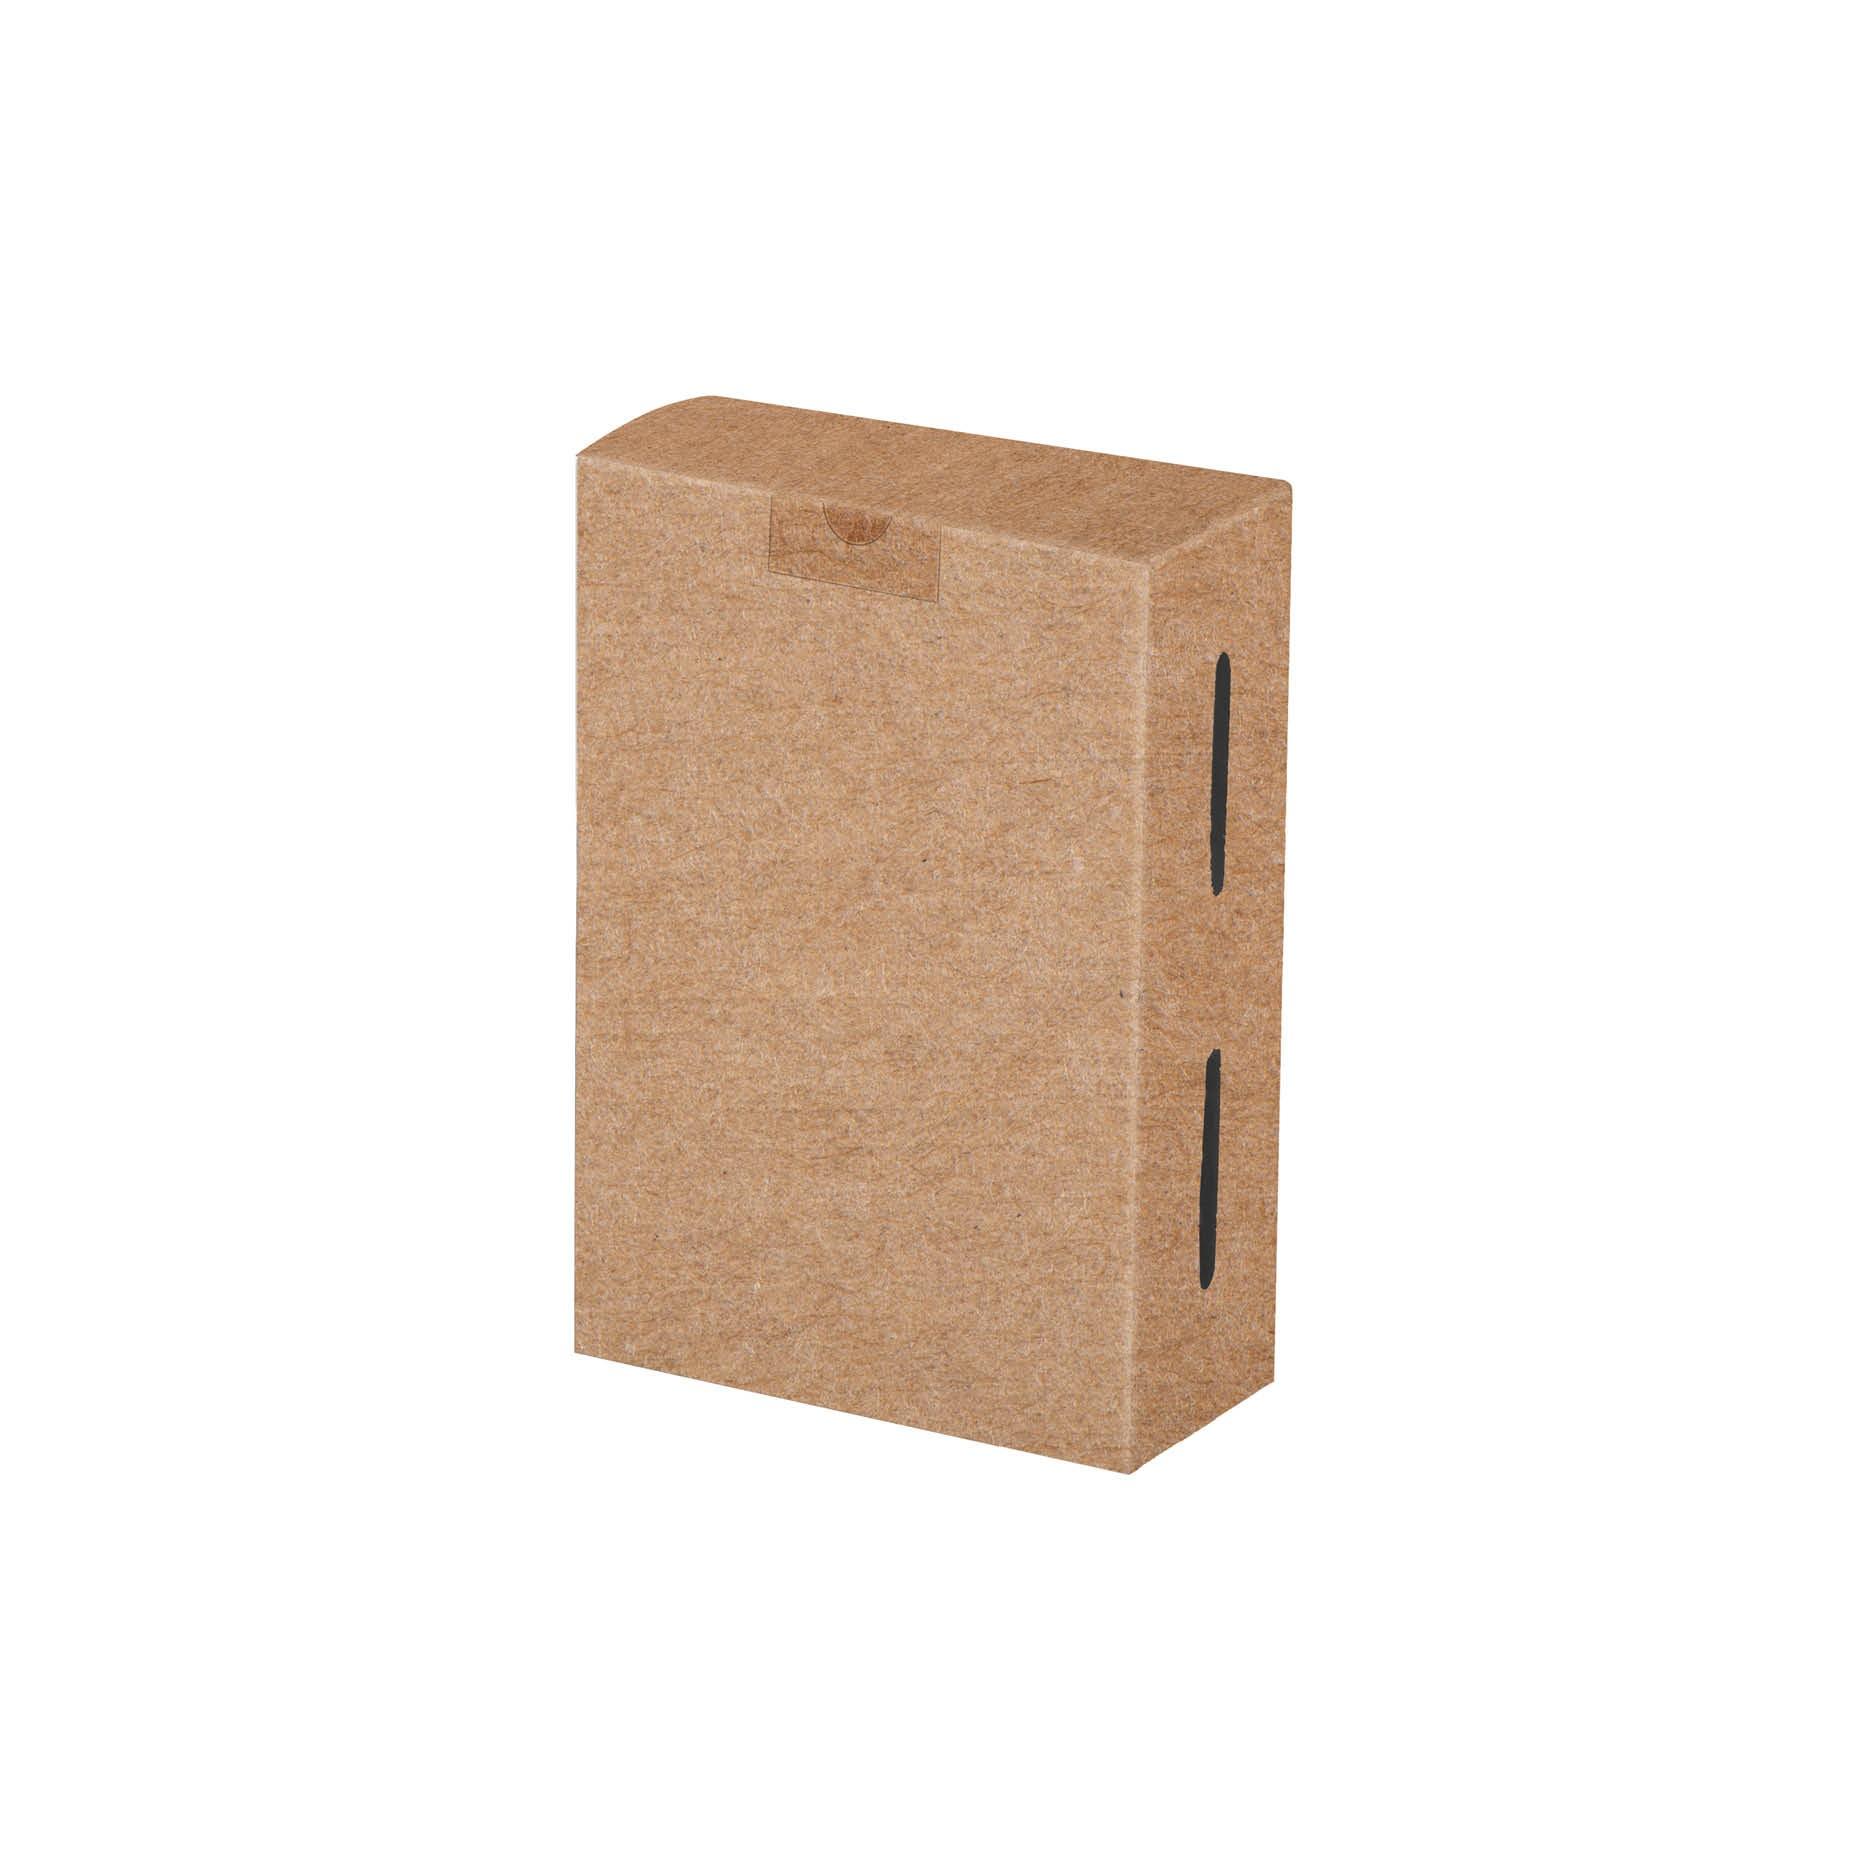 Embalagem para porções em papel kraft - 50 unidades